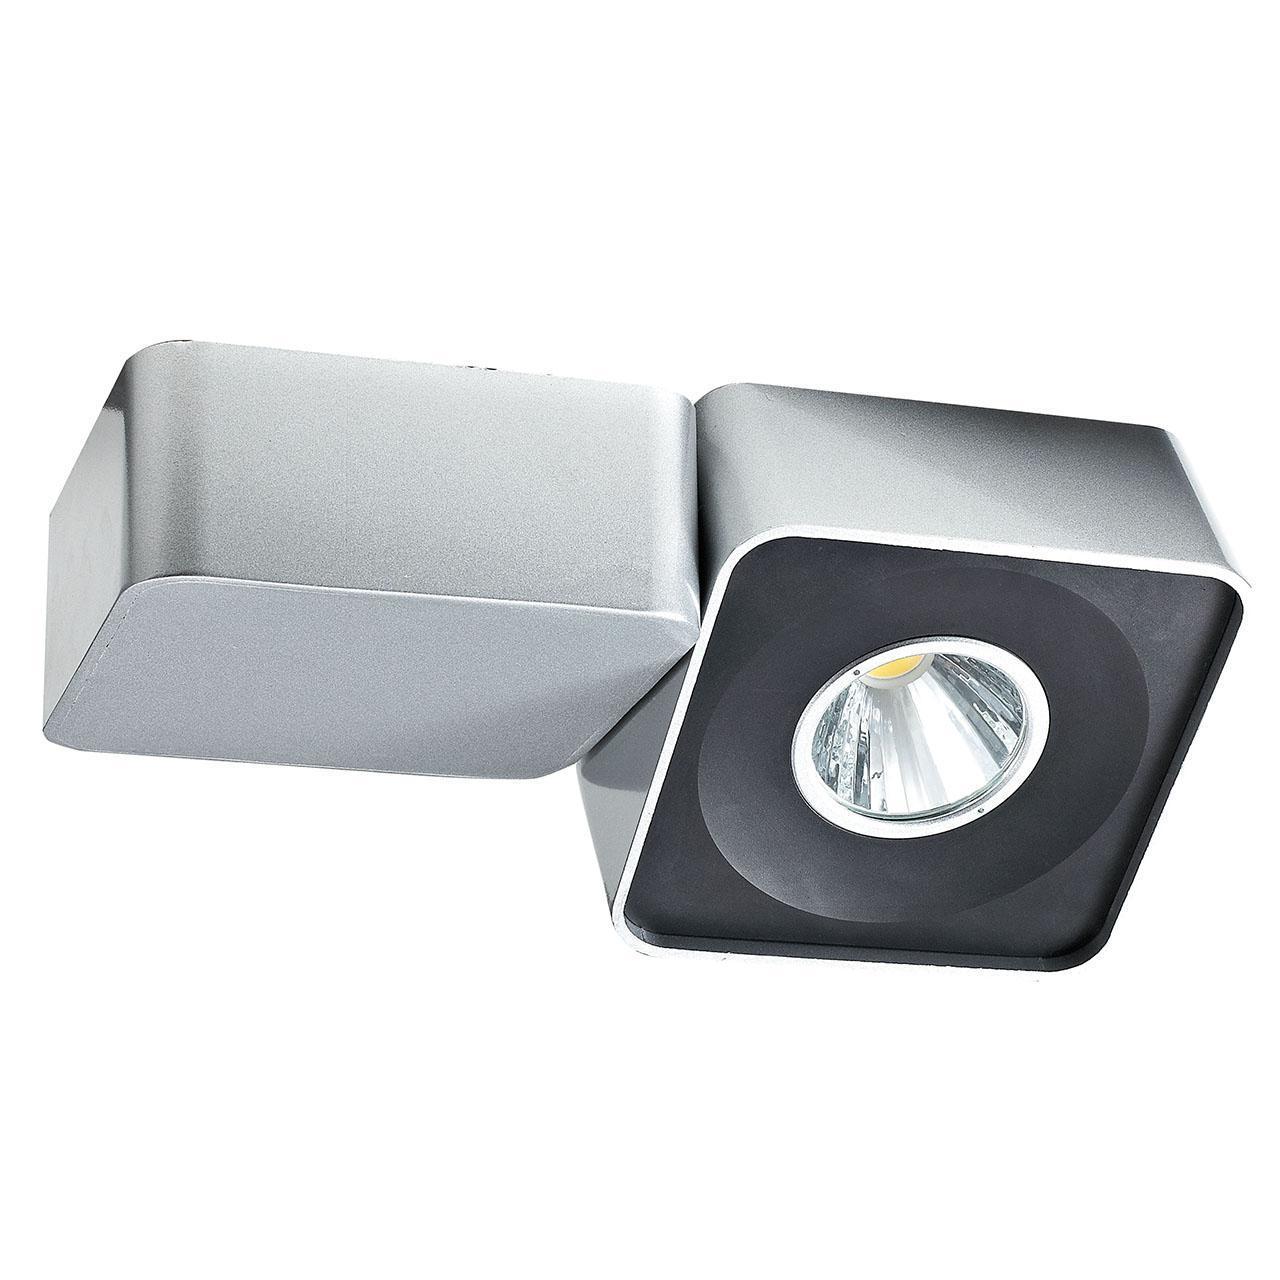 Трековый светодиодный светильник Horoz Torino 23W 4200K серебро 018-004-0023 (HL826L) трековый светодиодный светильник horoz 40w 4200k серебро 018 001 0040 hl834l